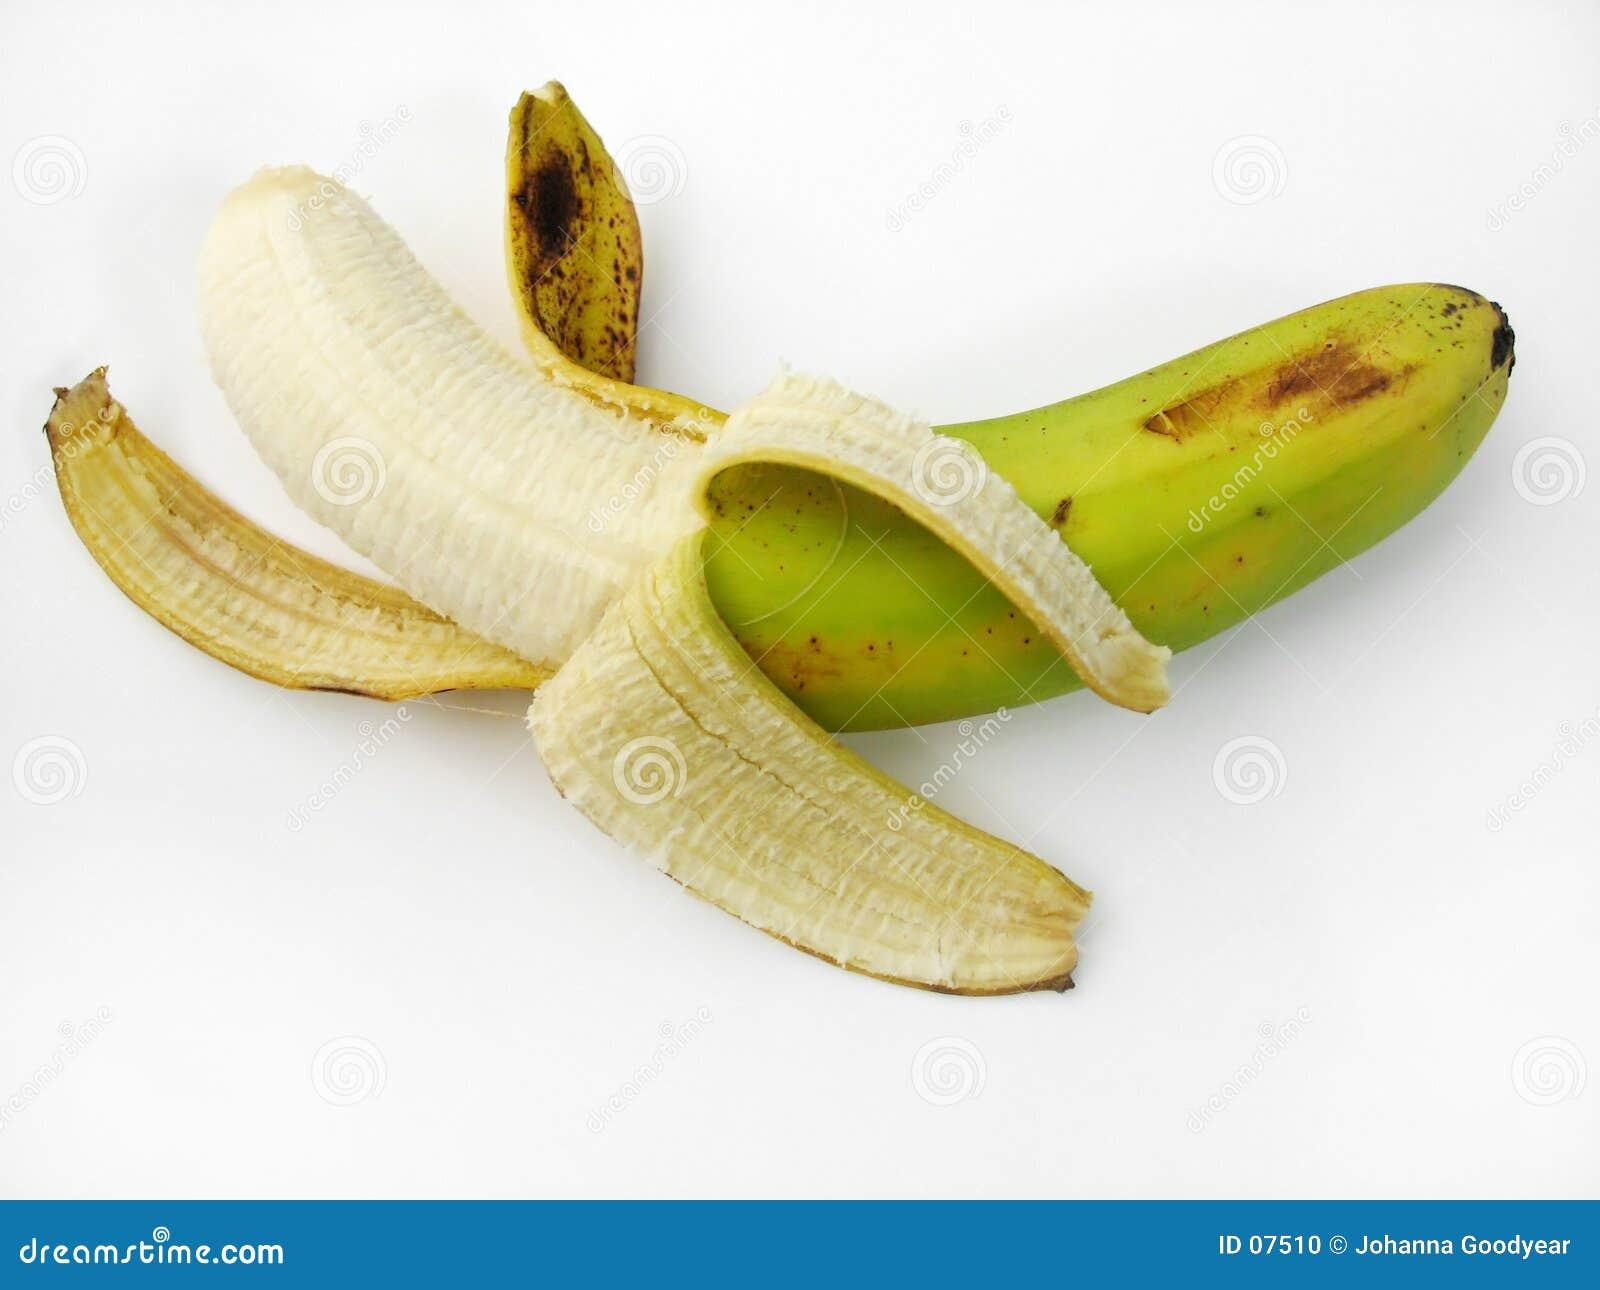 Banana Top View